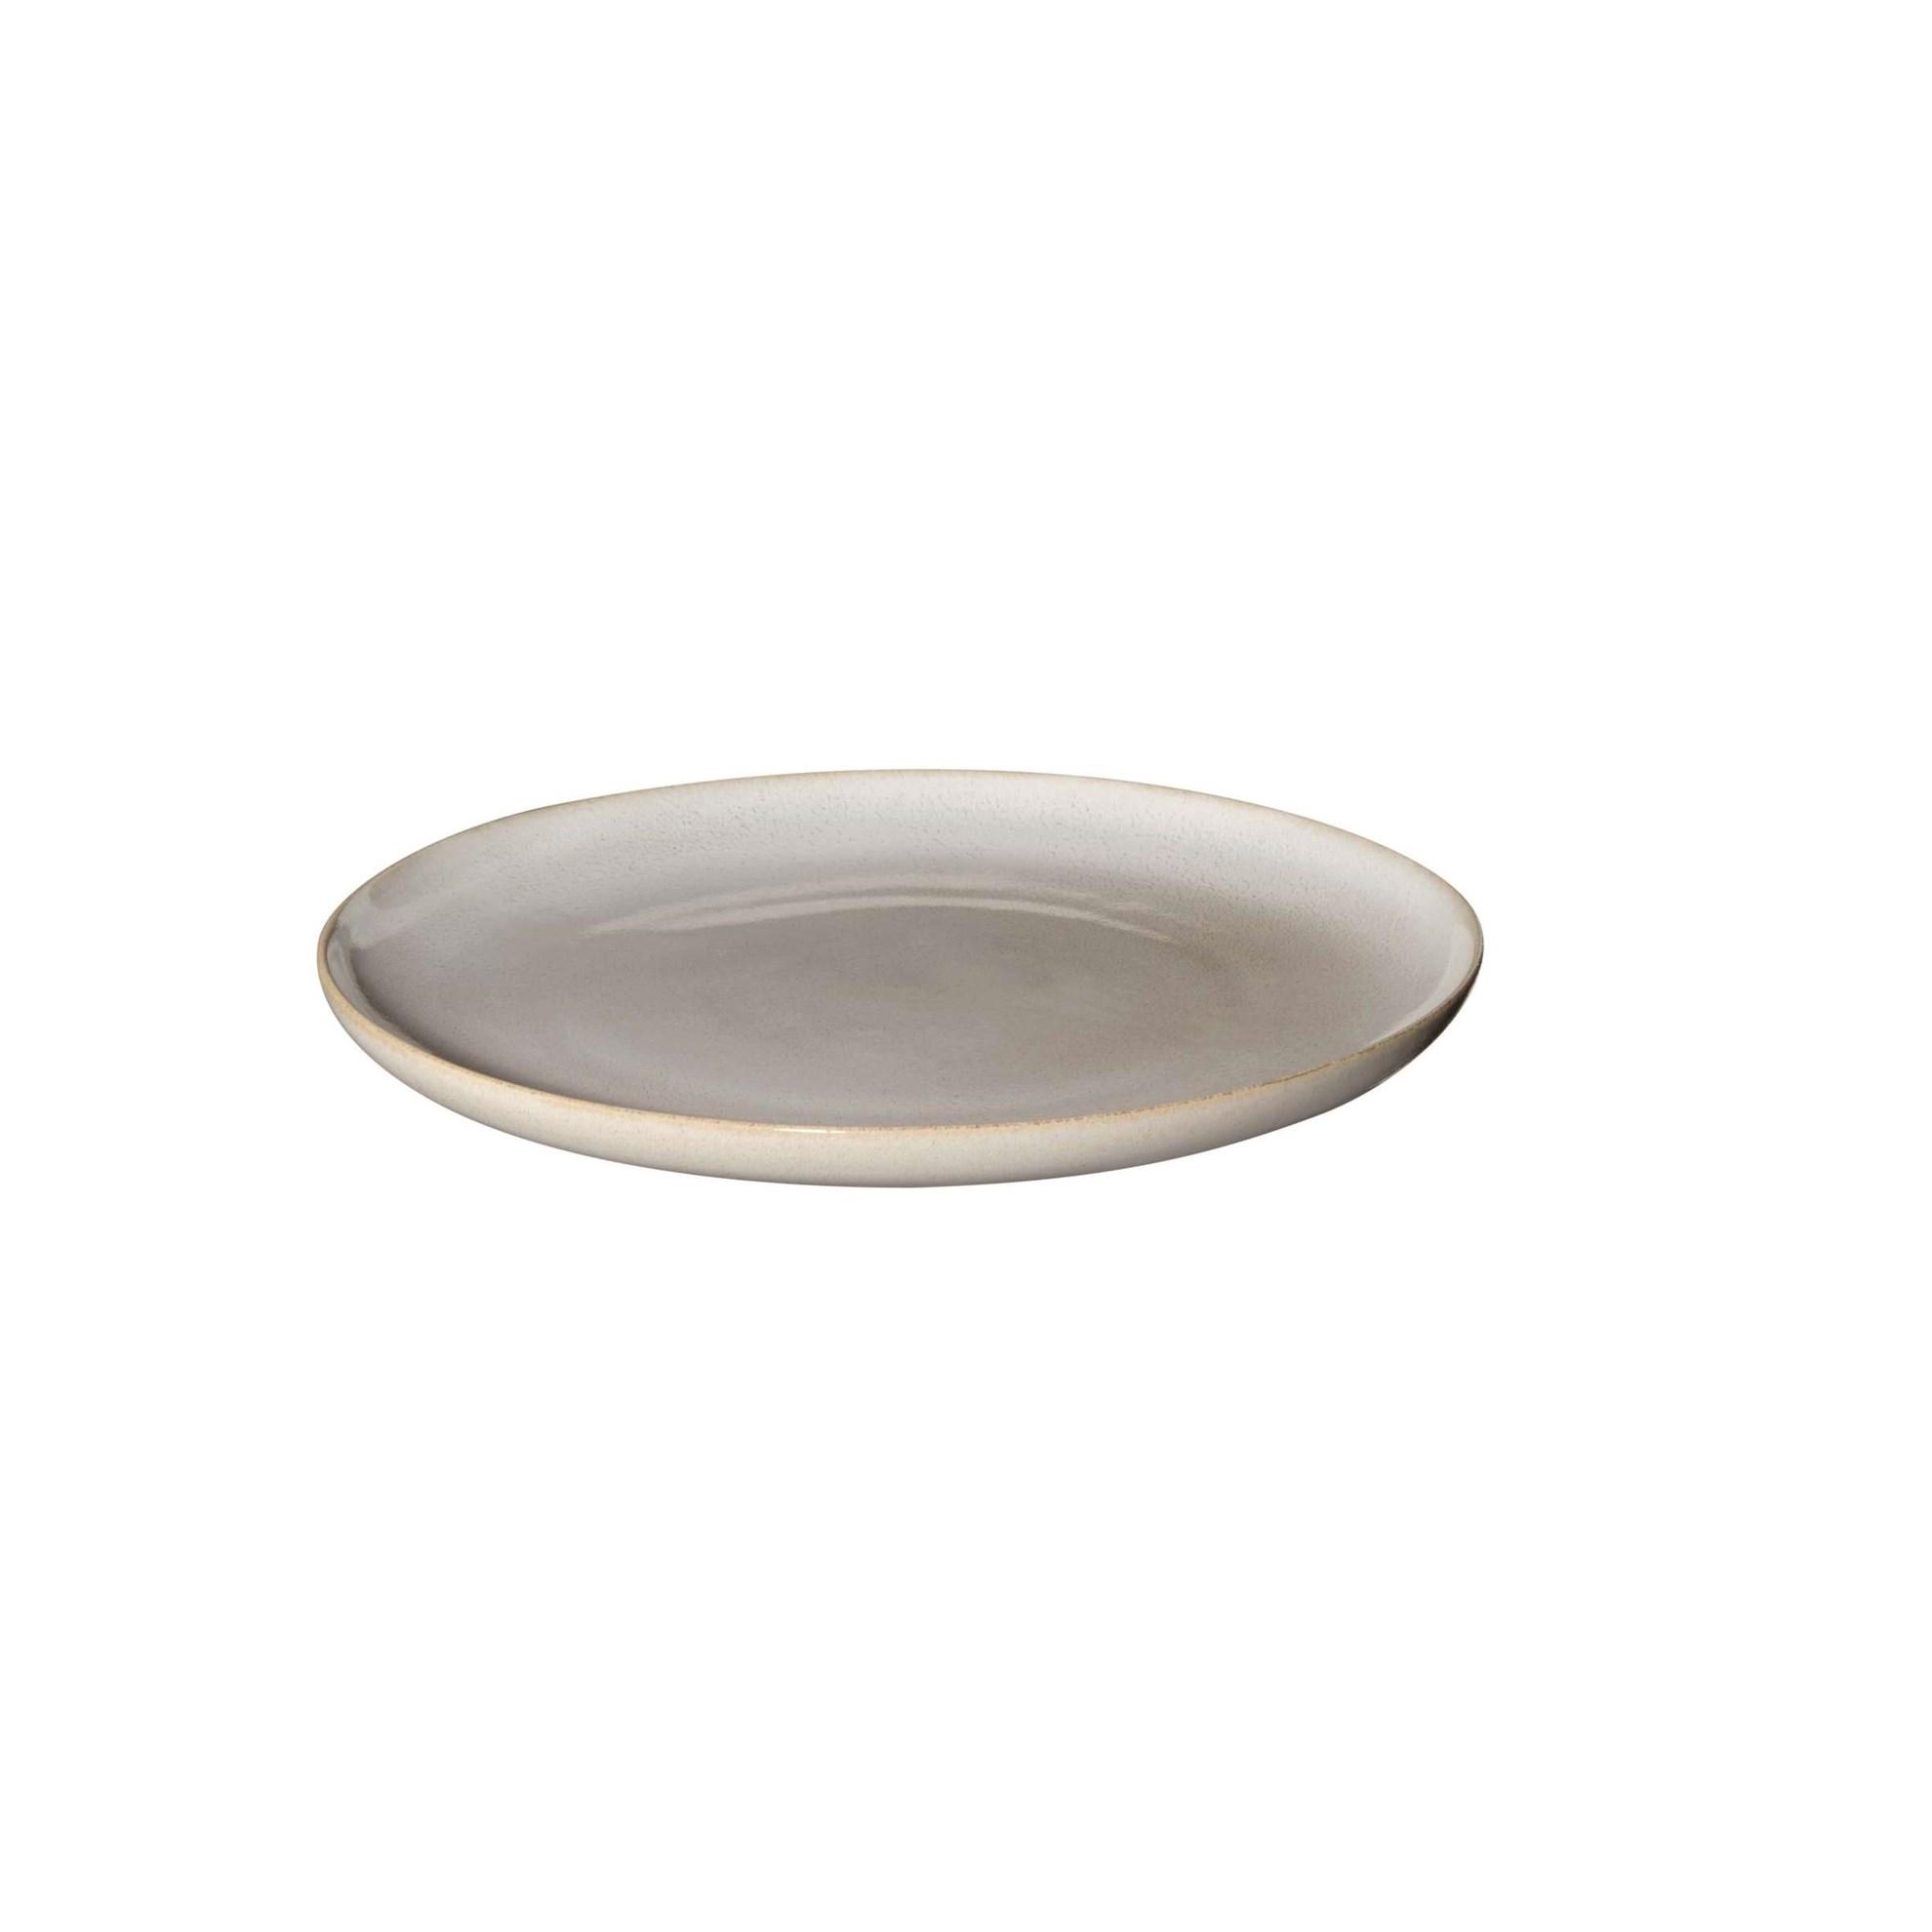 Dezertní talíř SAISONS 21 cm pískový_1